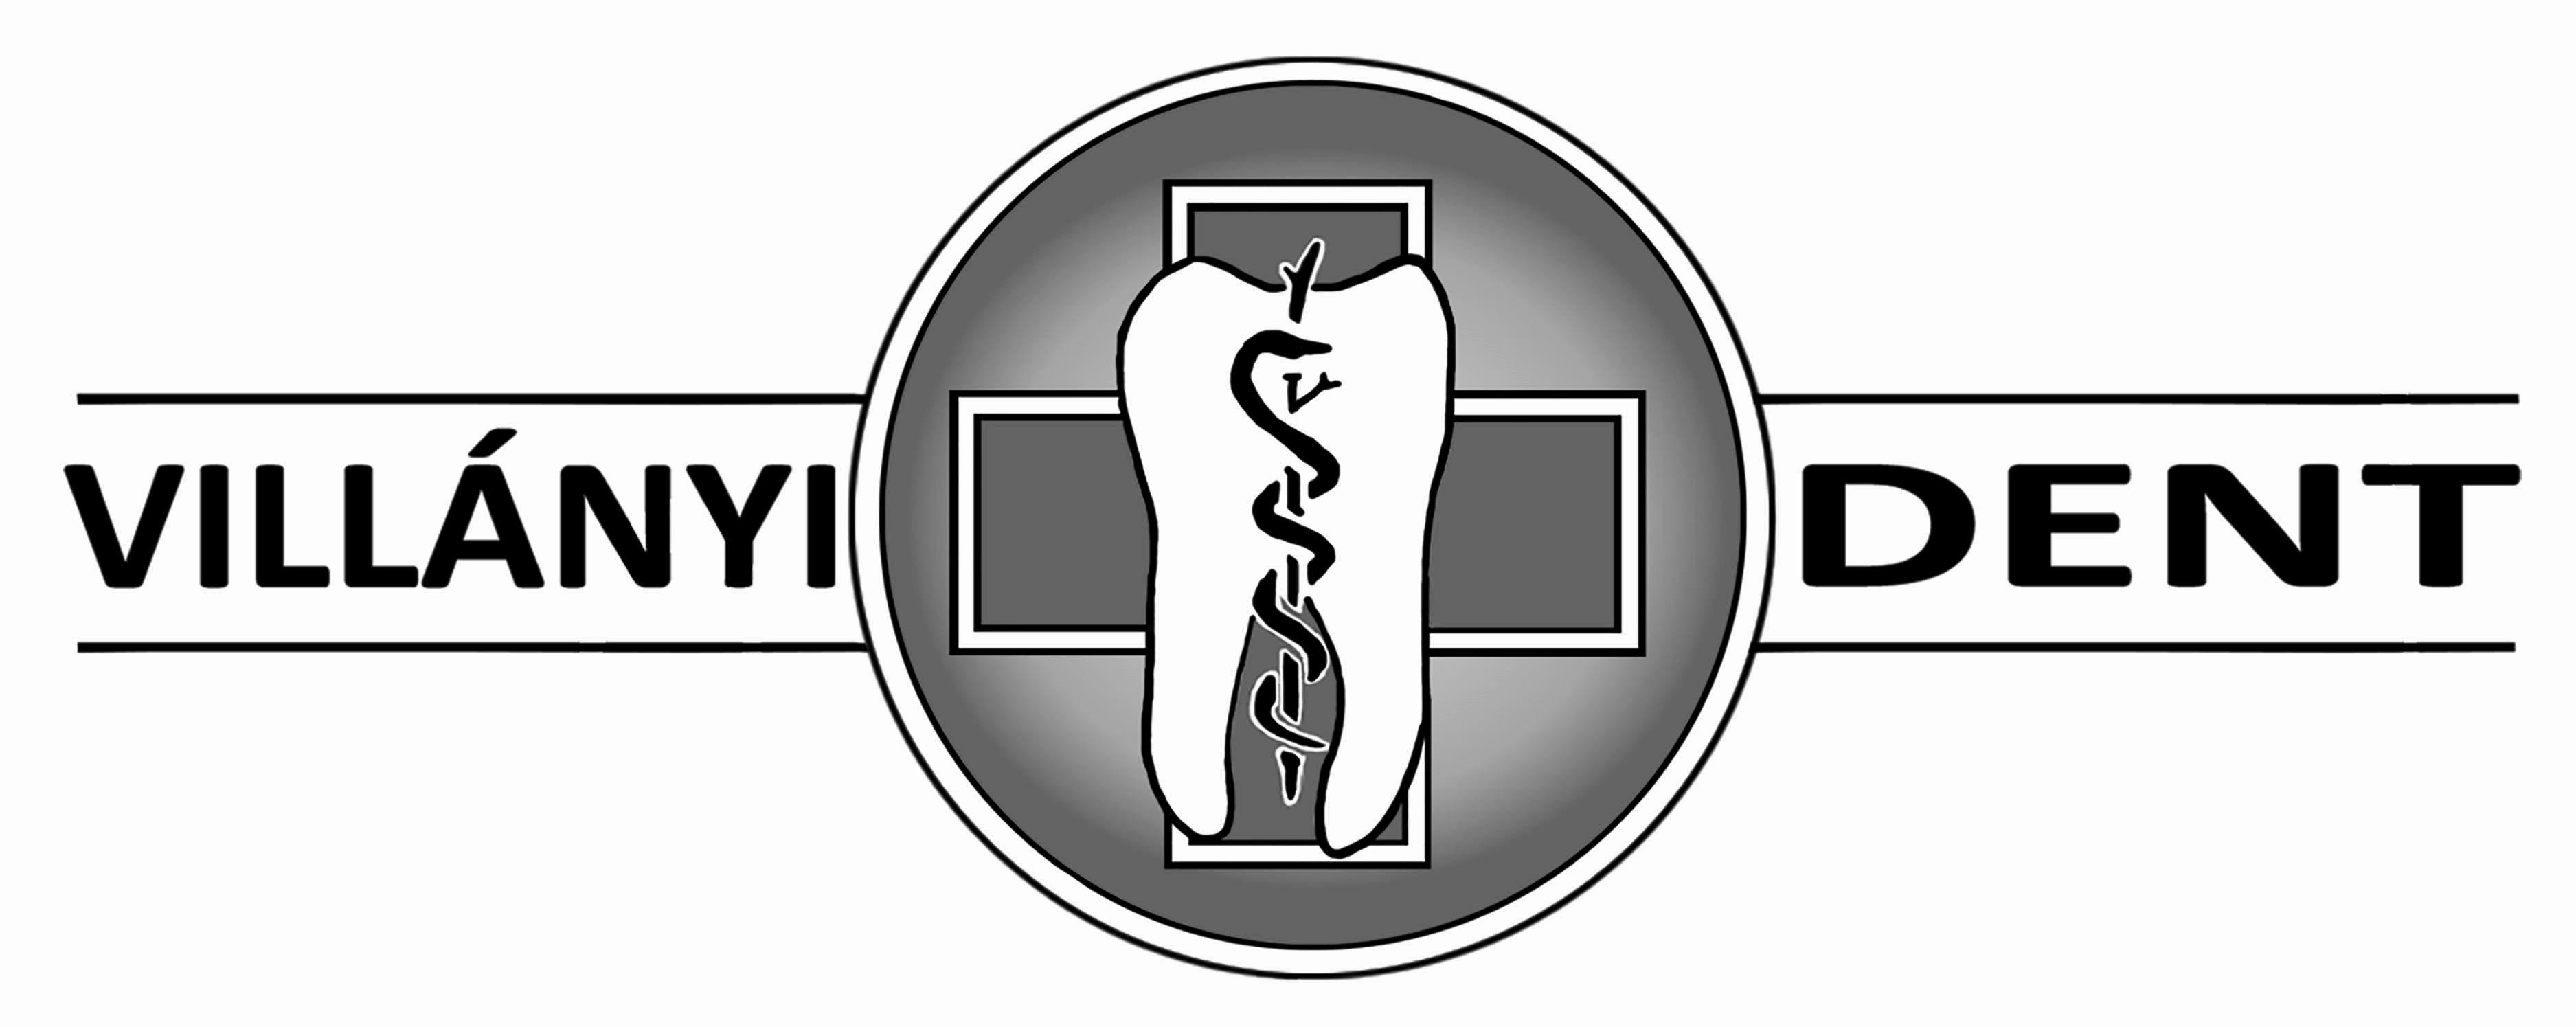 Villányi Dent; fogászat; orvoslás; fogfájás; gyógyítás; tömés; protézís